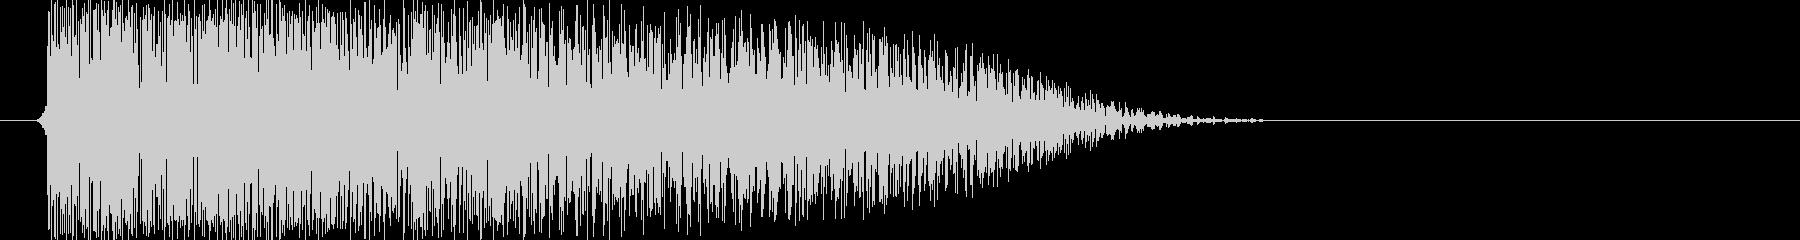 ボボボーゥ(拡散ミサイル、ショット音)の未再生の波形